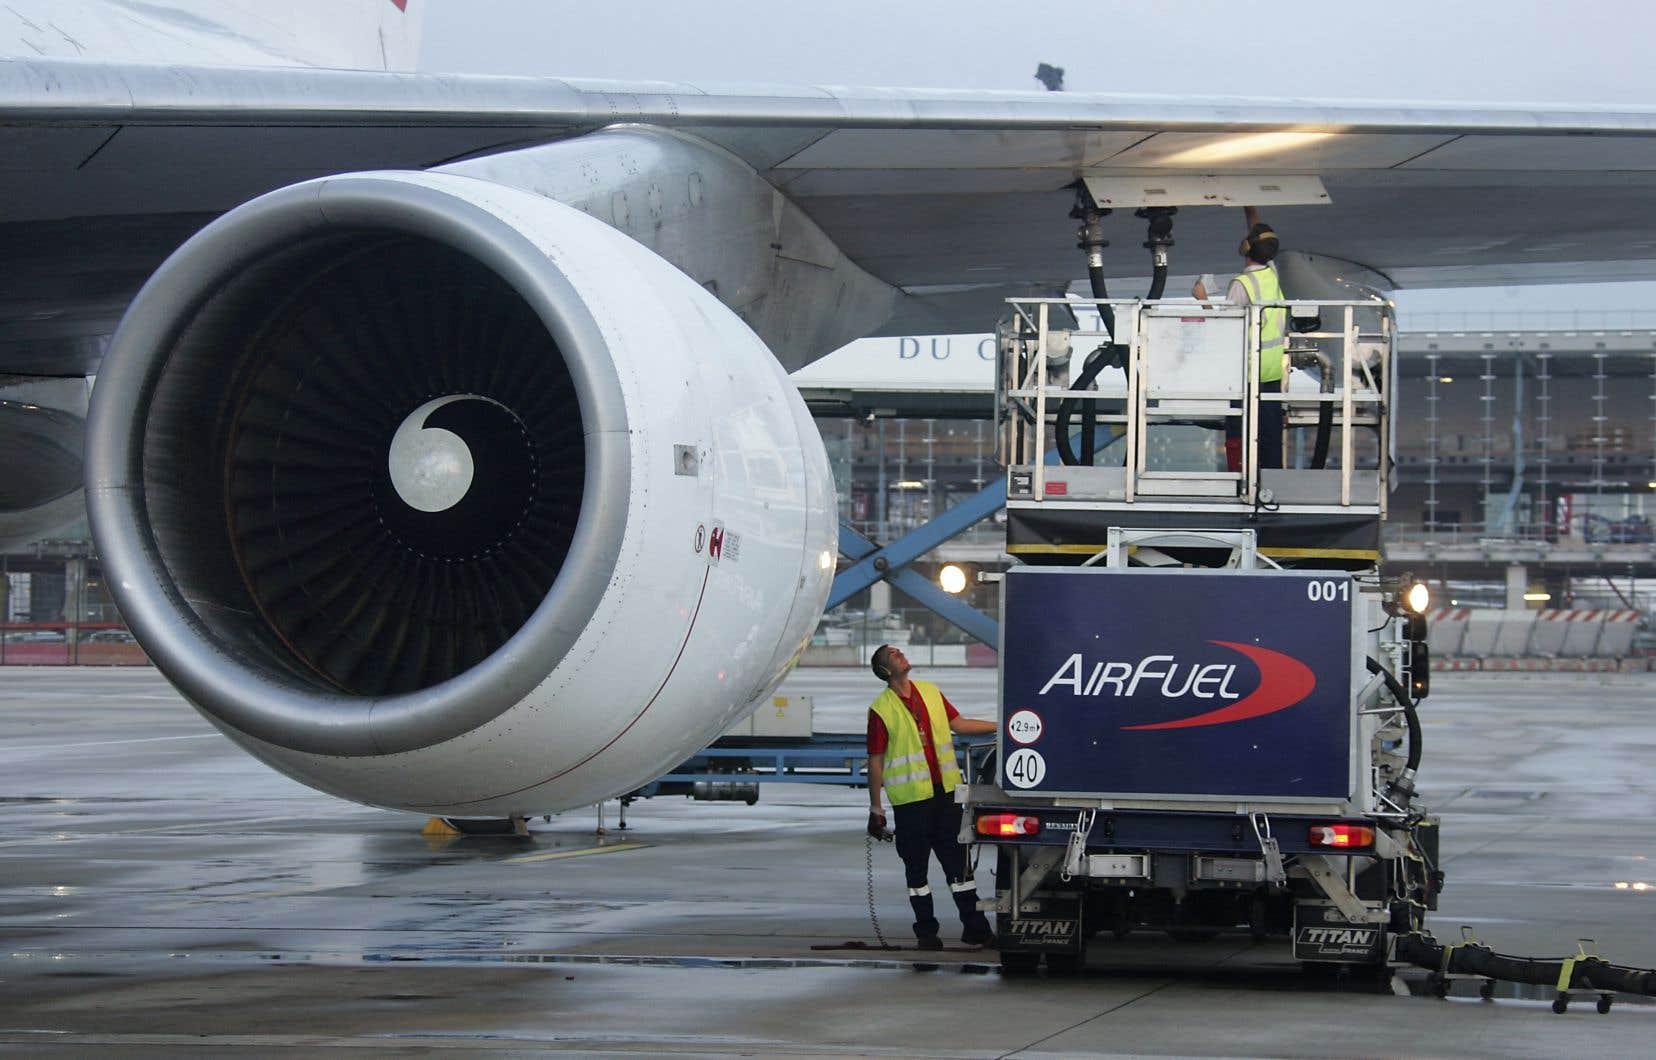 Parmi les mesures annoncées, la Commission souhaite taxer dès 2023 le kérosène pour les vols à l'intérieur de l'Union européenne.